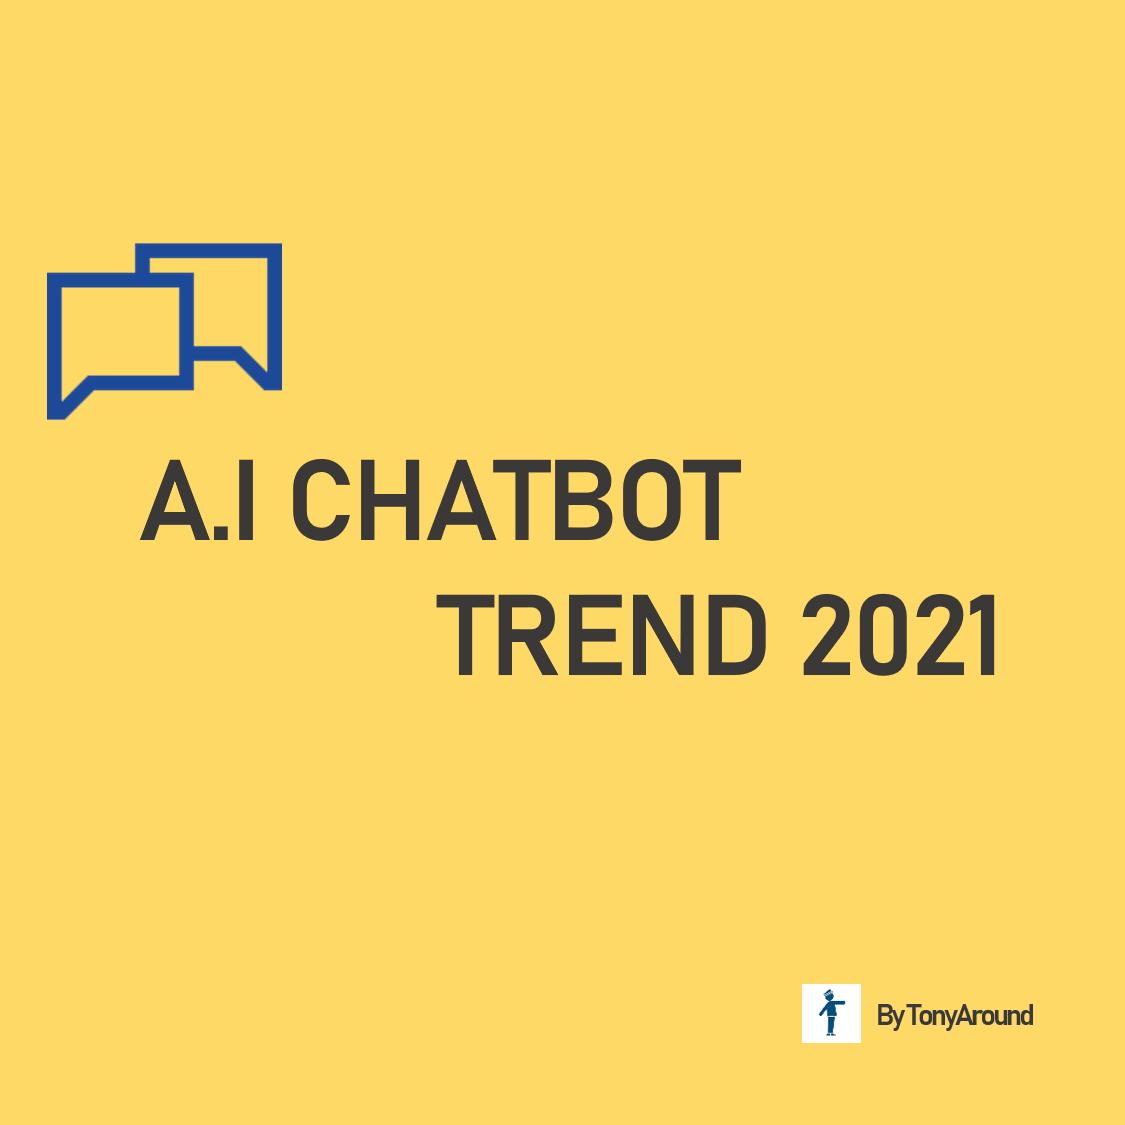 인공지능 챗봇 트렌드 2021: 산업 별 전망 (이커머스)